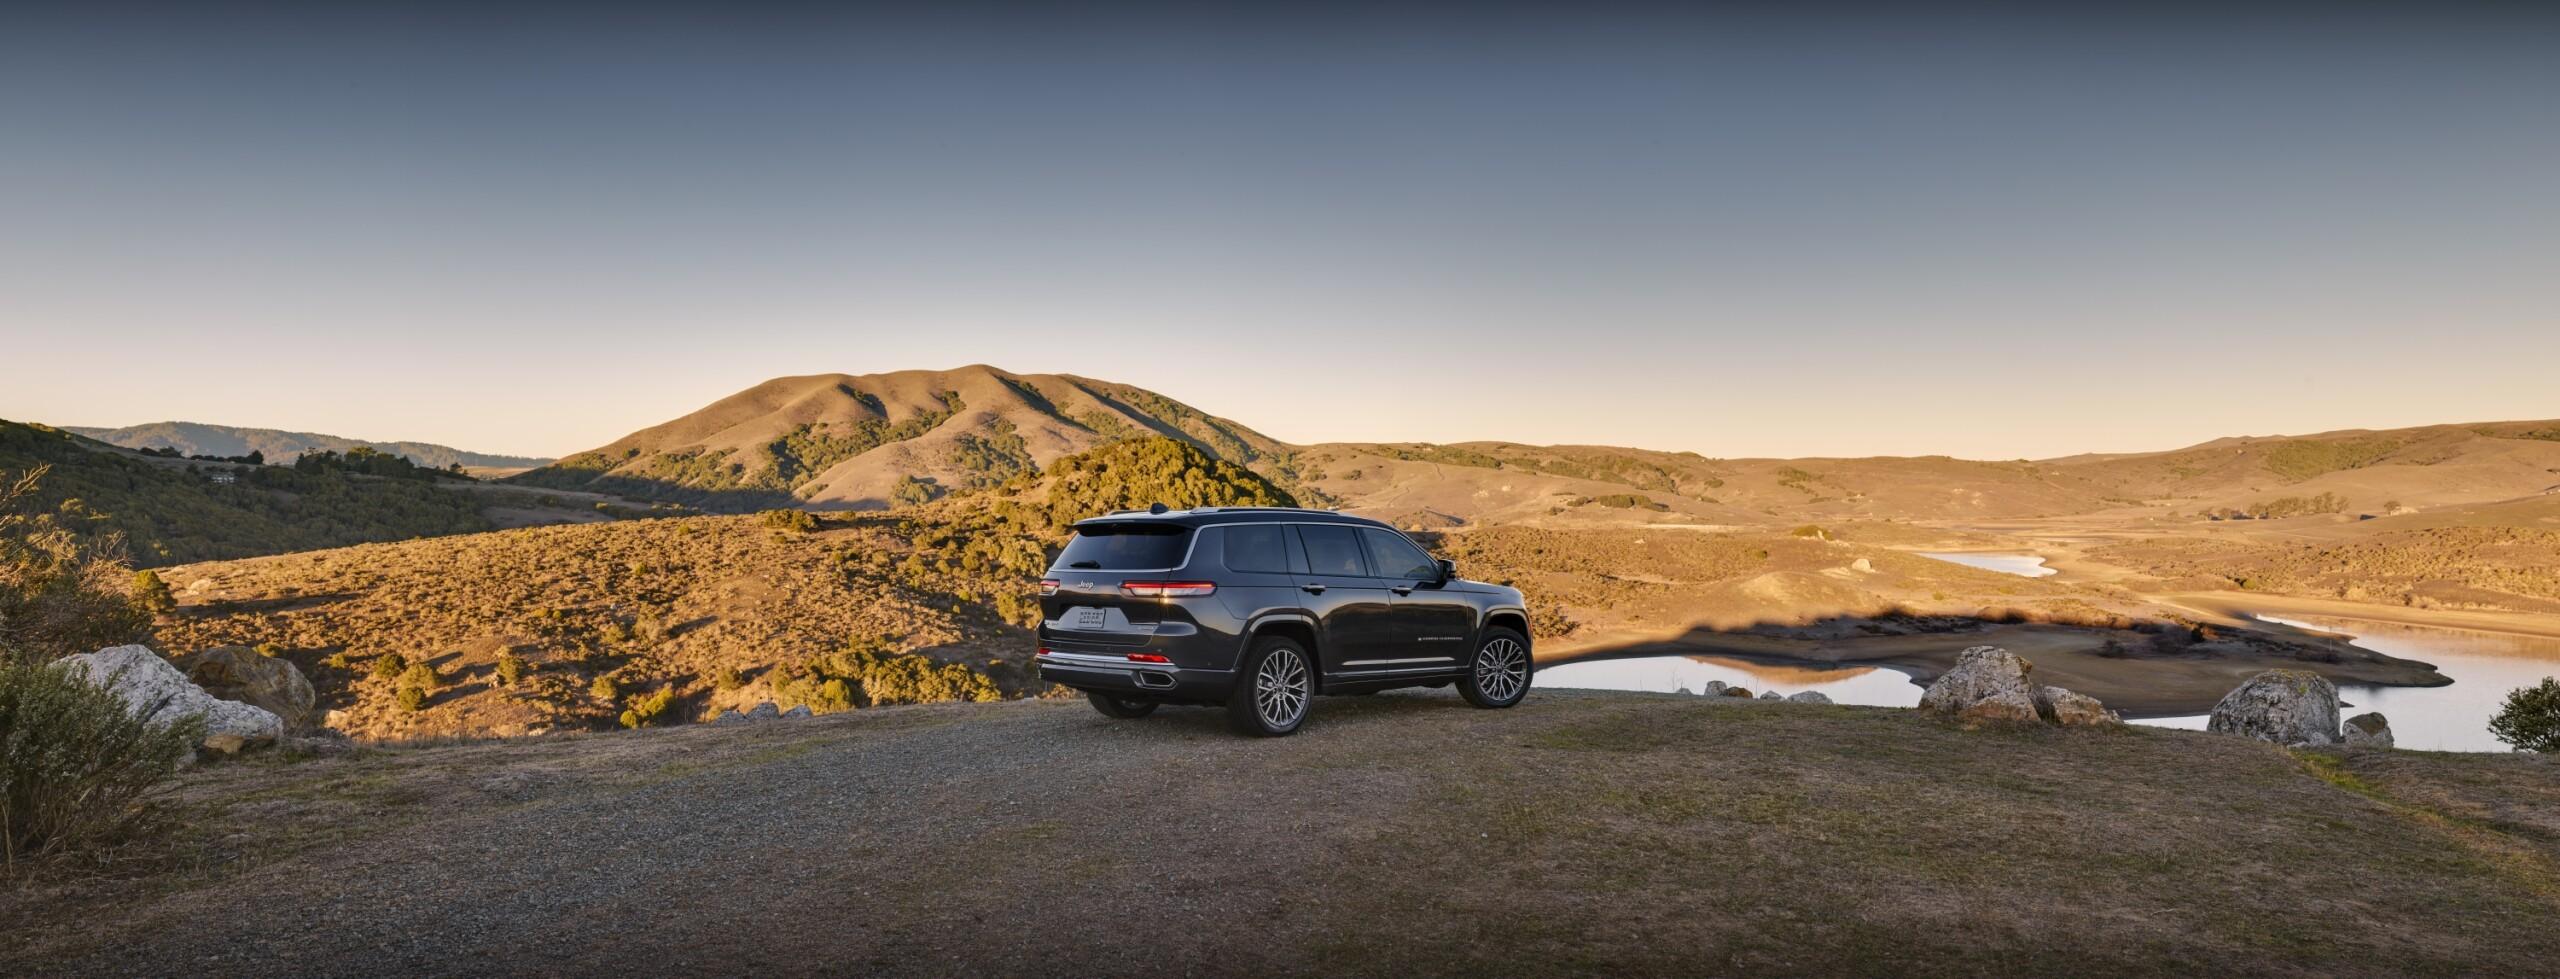 All-new 2021 Jeep® Grand Cherokee L Summit Reserve